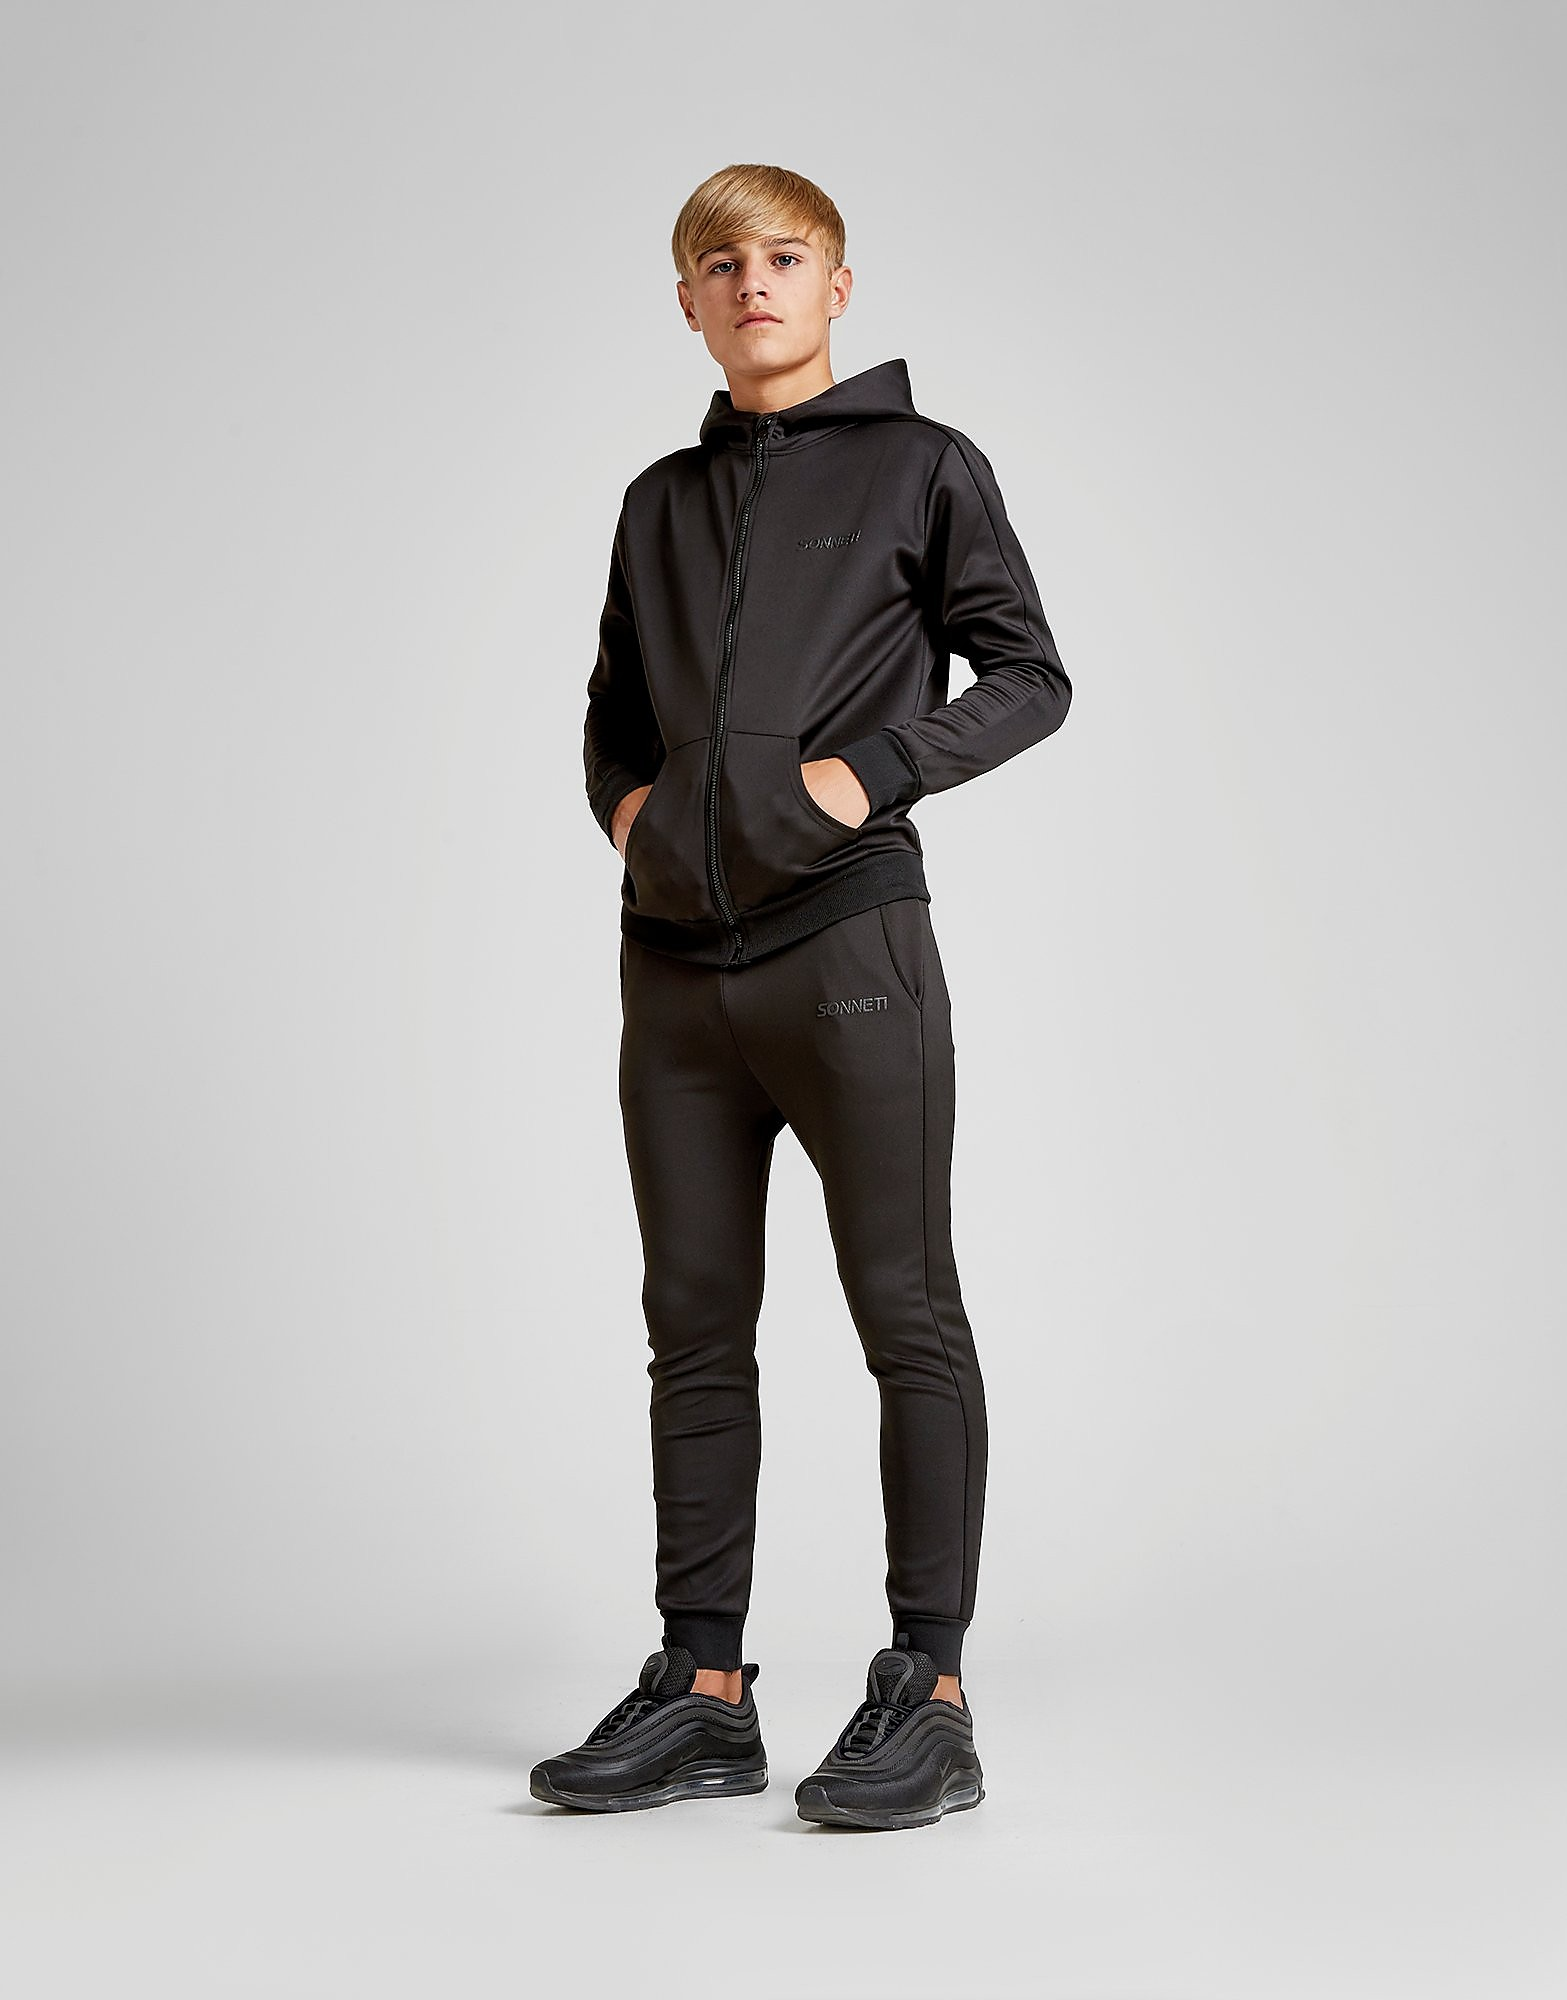 Sonneti Resist Jogging Pants Junior